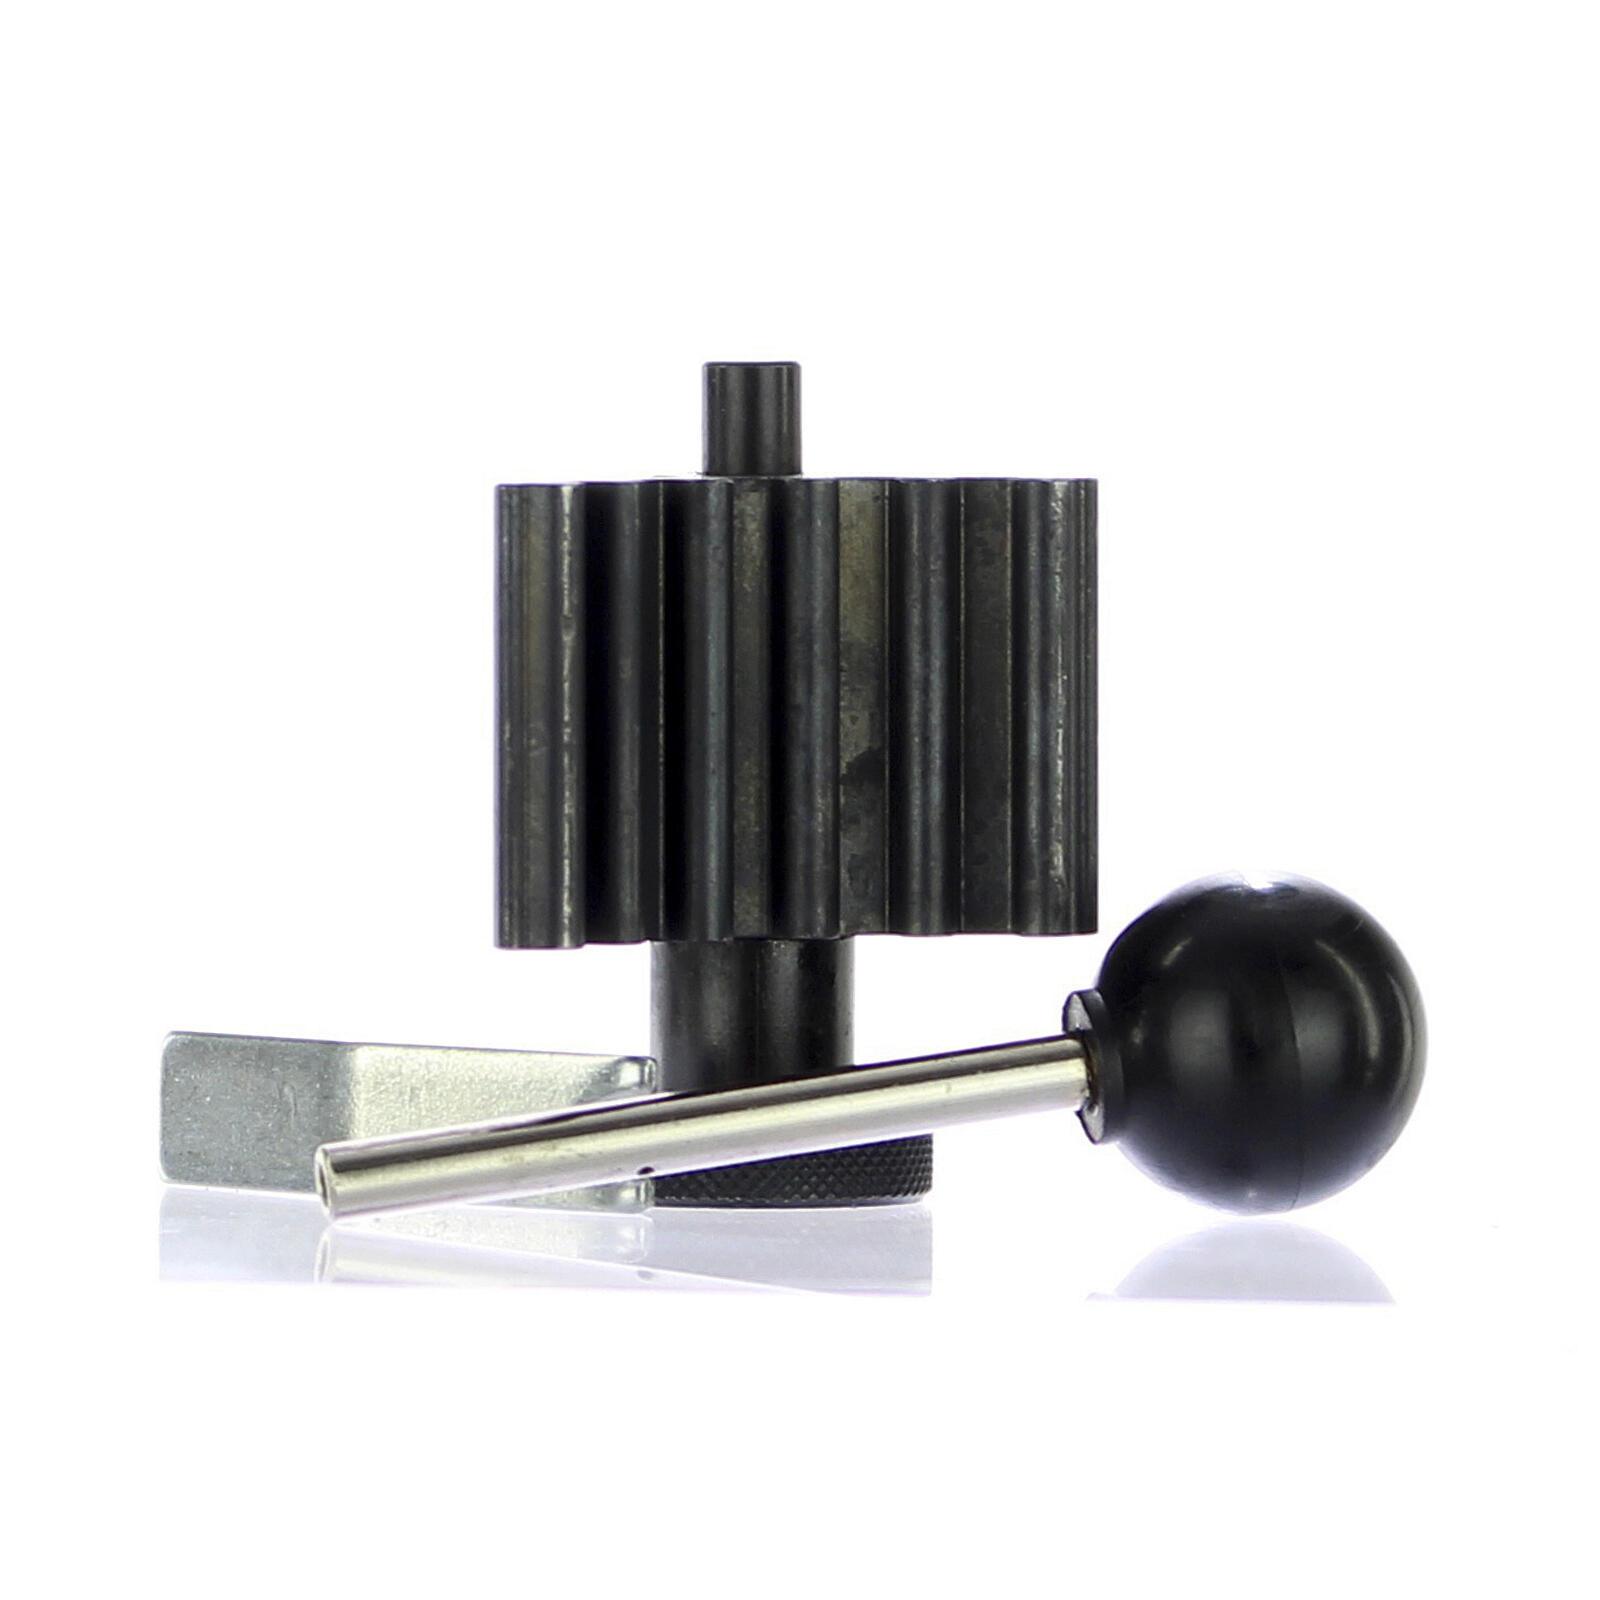 Pumpedüse Zahnriemen Wechsel Werkzeug PD Arretierungswerkzeug